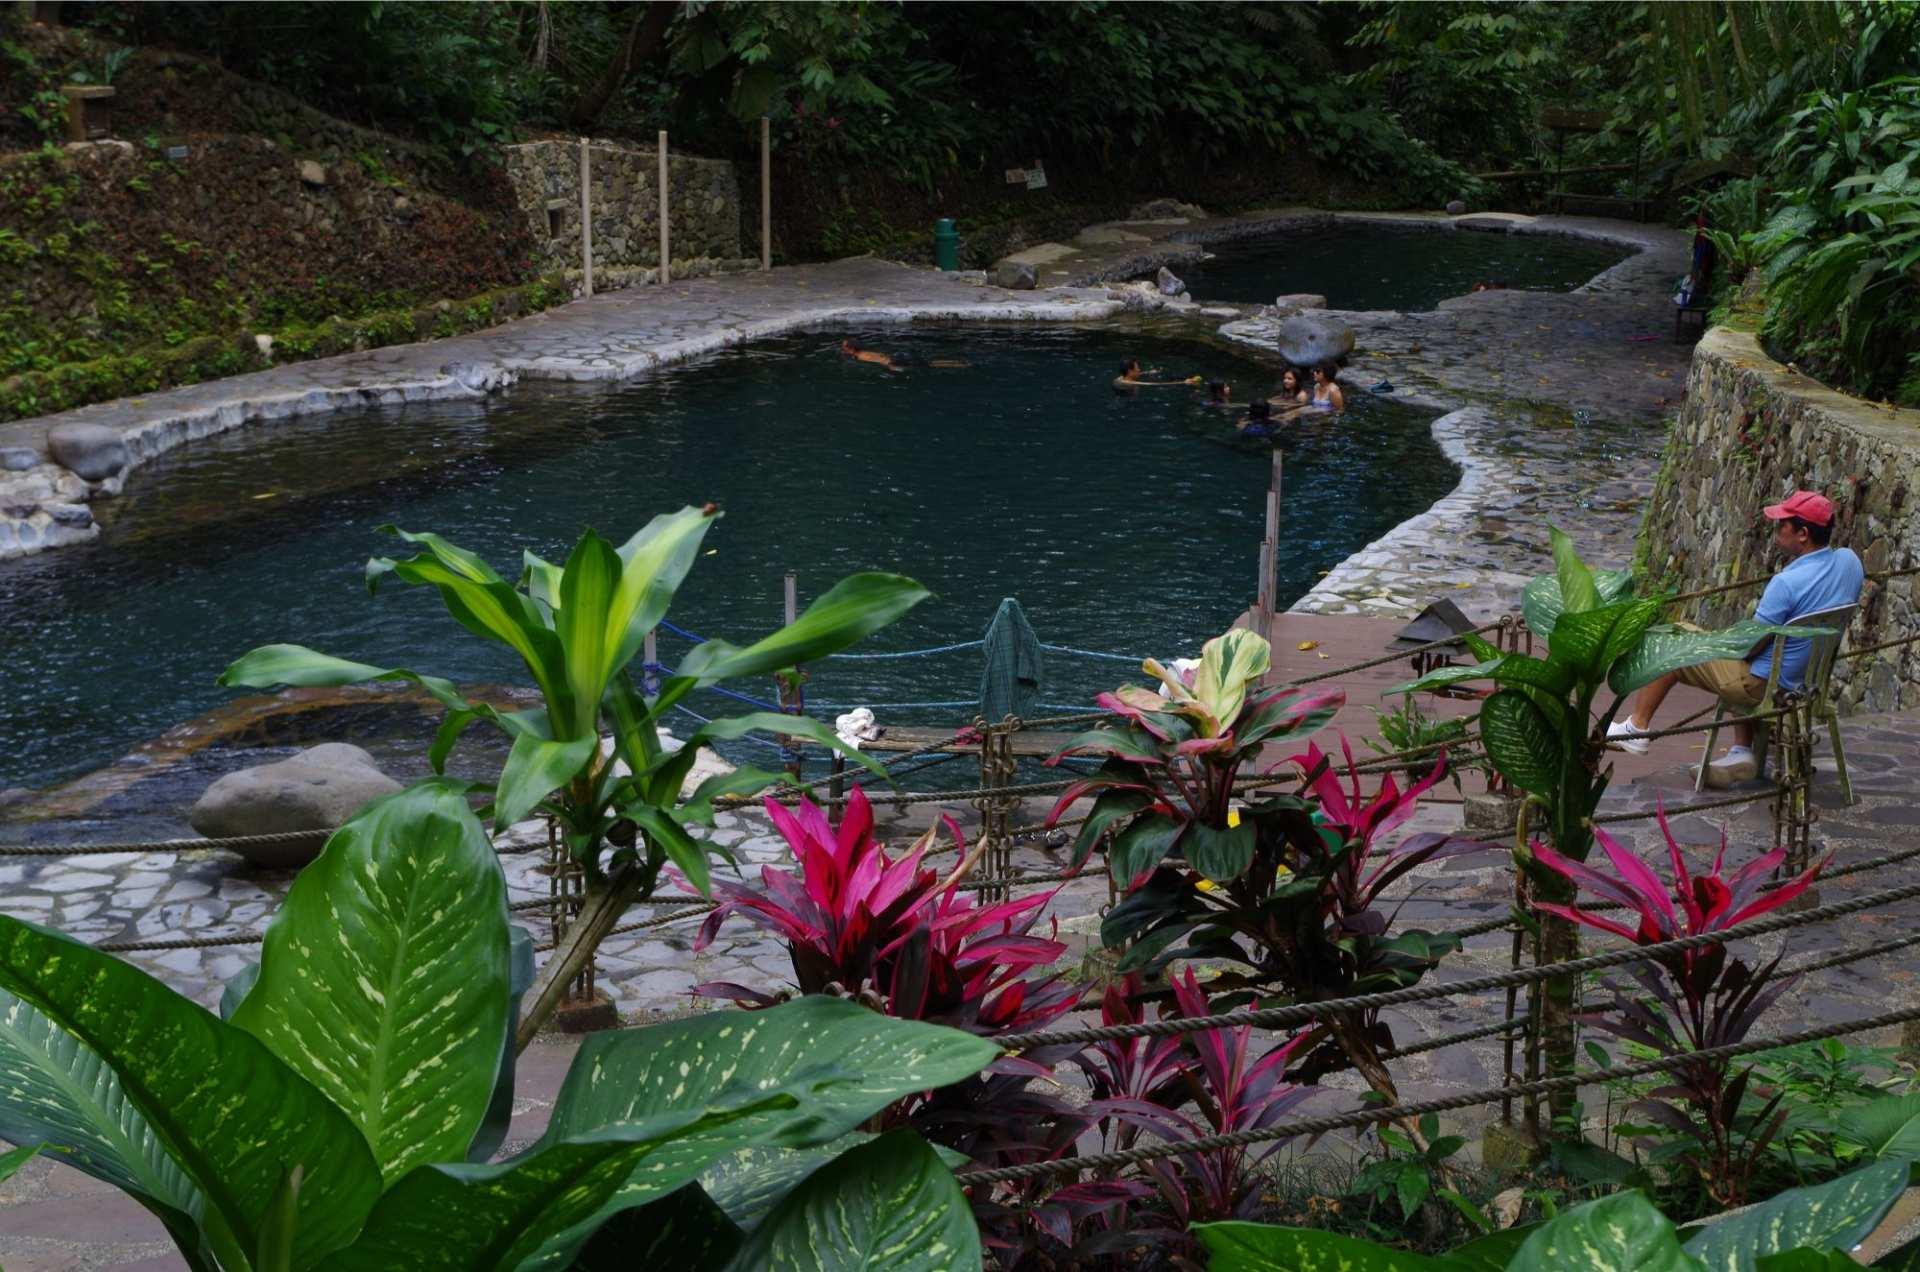 【探訪馬尼拉世外桃源】隱密谷溫泉一日遊 Hidden Valley Springs